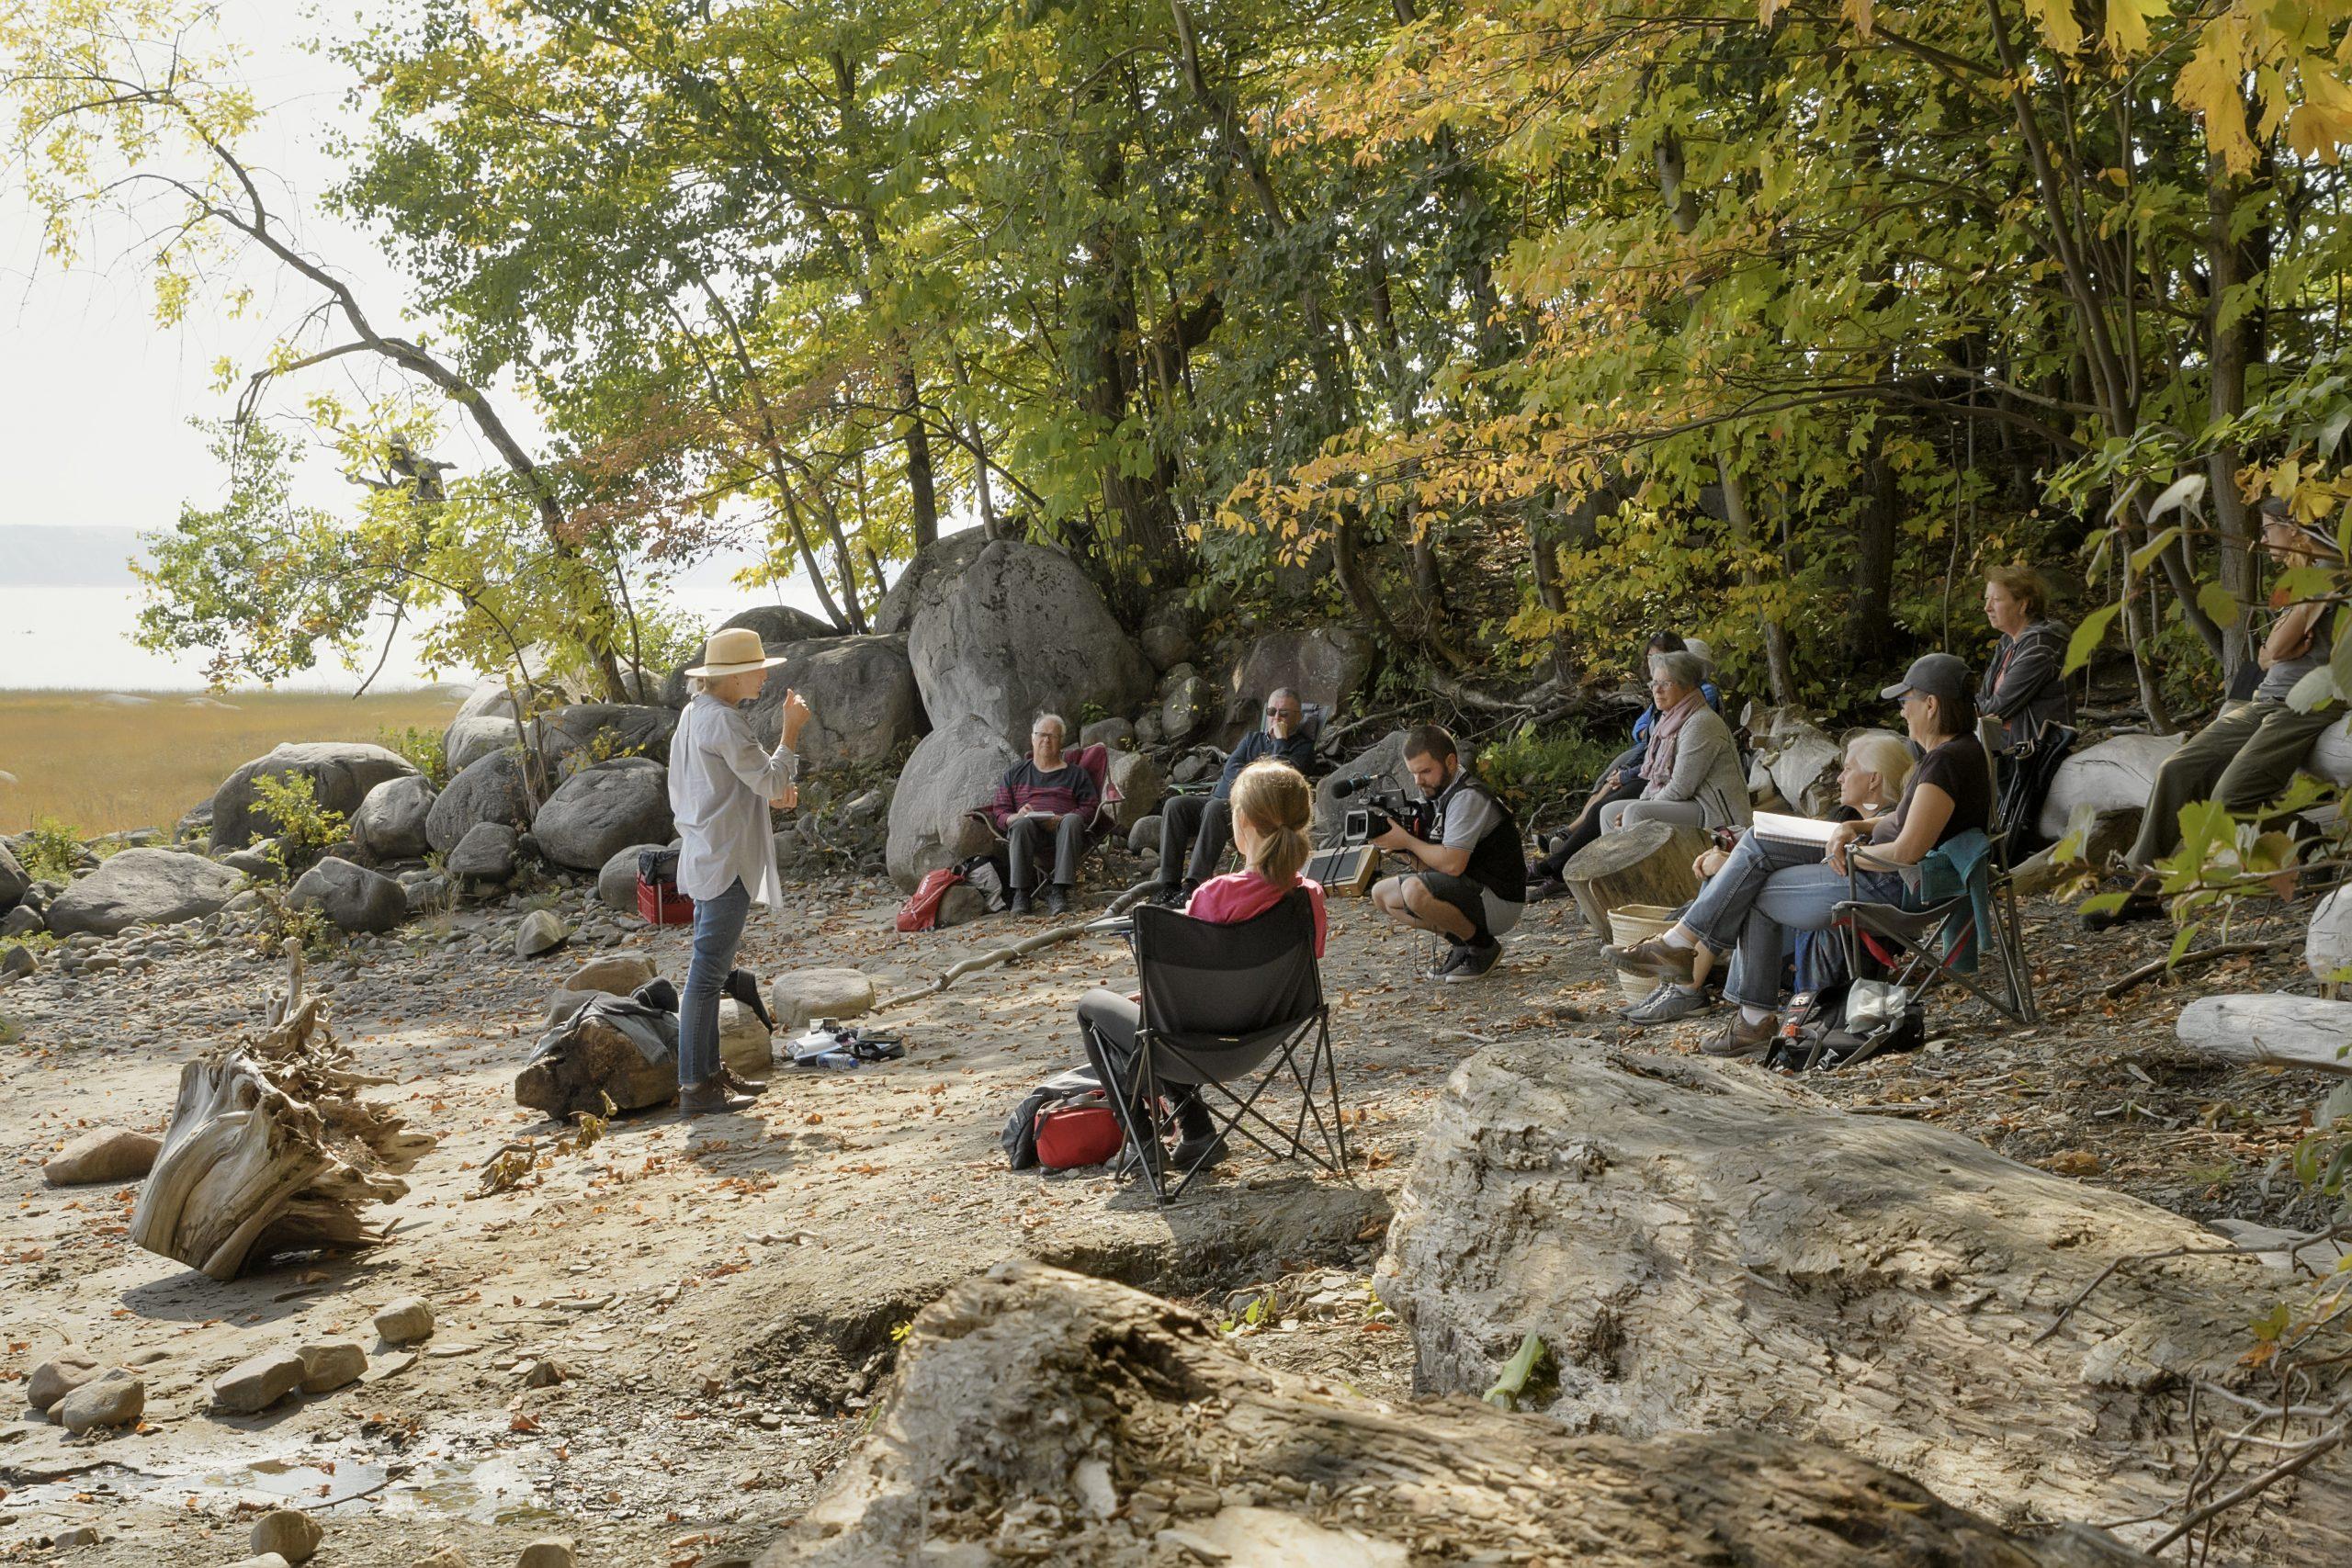 Lors de la journée porte ouverte du 26 septembre 2020 à la réserve naturelle du Marais-Léon-Provancher, l'artiste aquarelliste Joanne Ouellet anime un atelier d'initiation à l'aquarelle en bordure du fleuve Saint-Laurent.